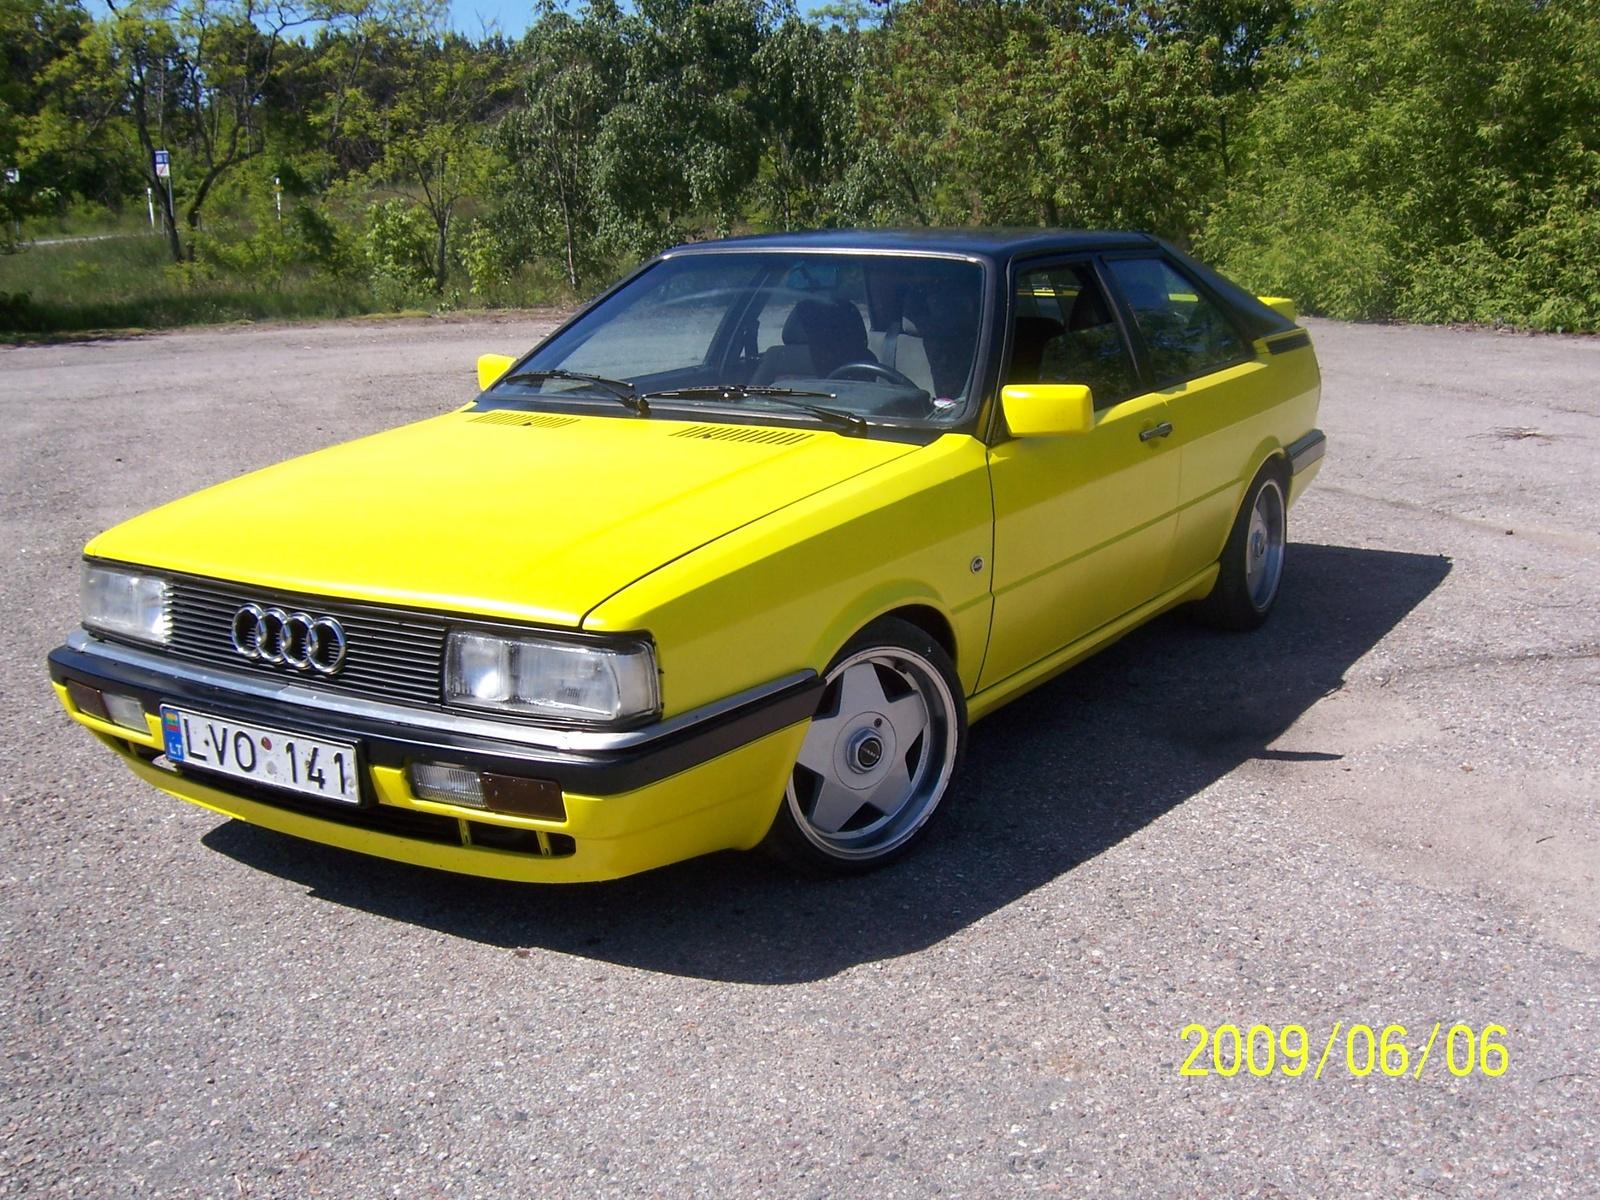 1985 Audi Coupe - Pictures - CarGurus